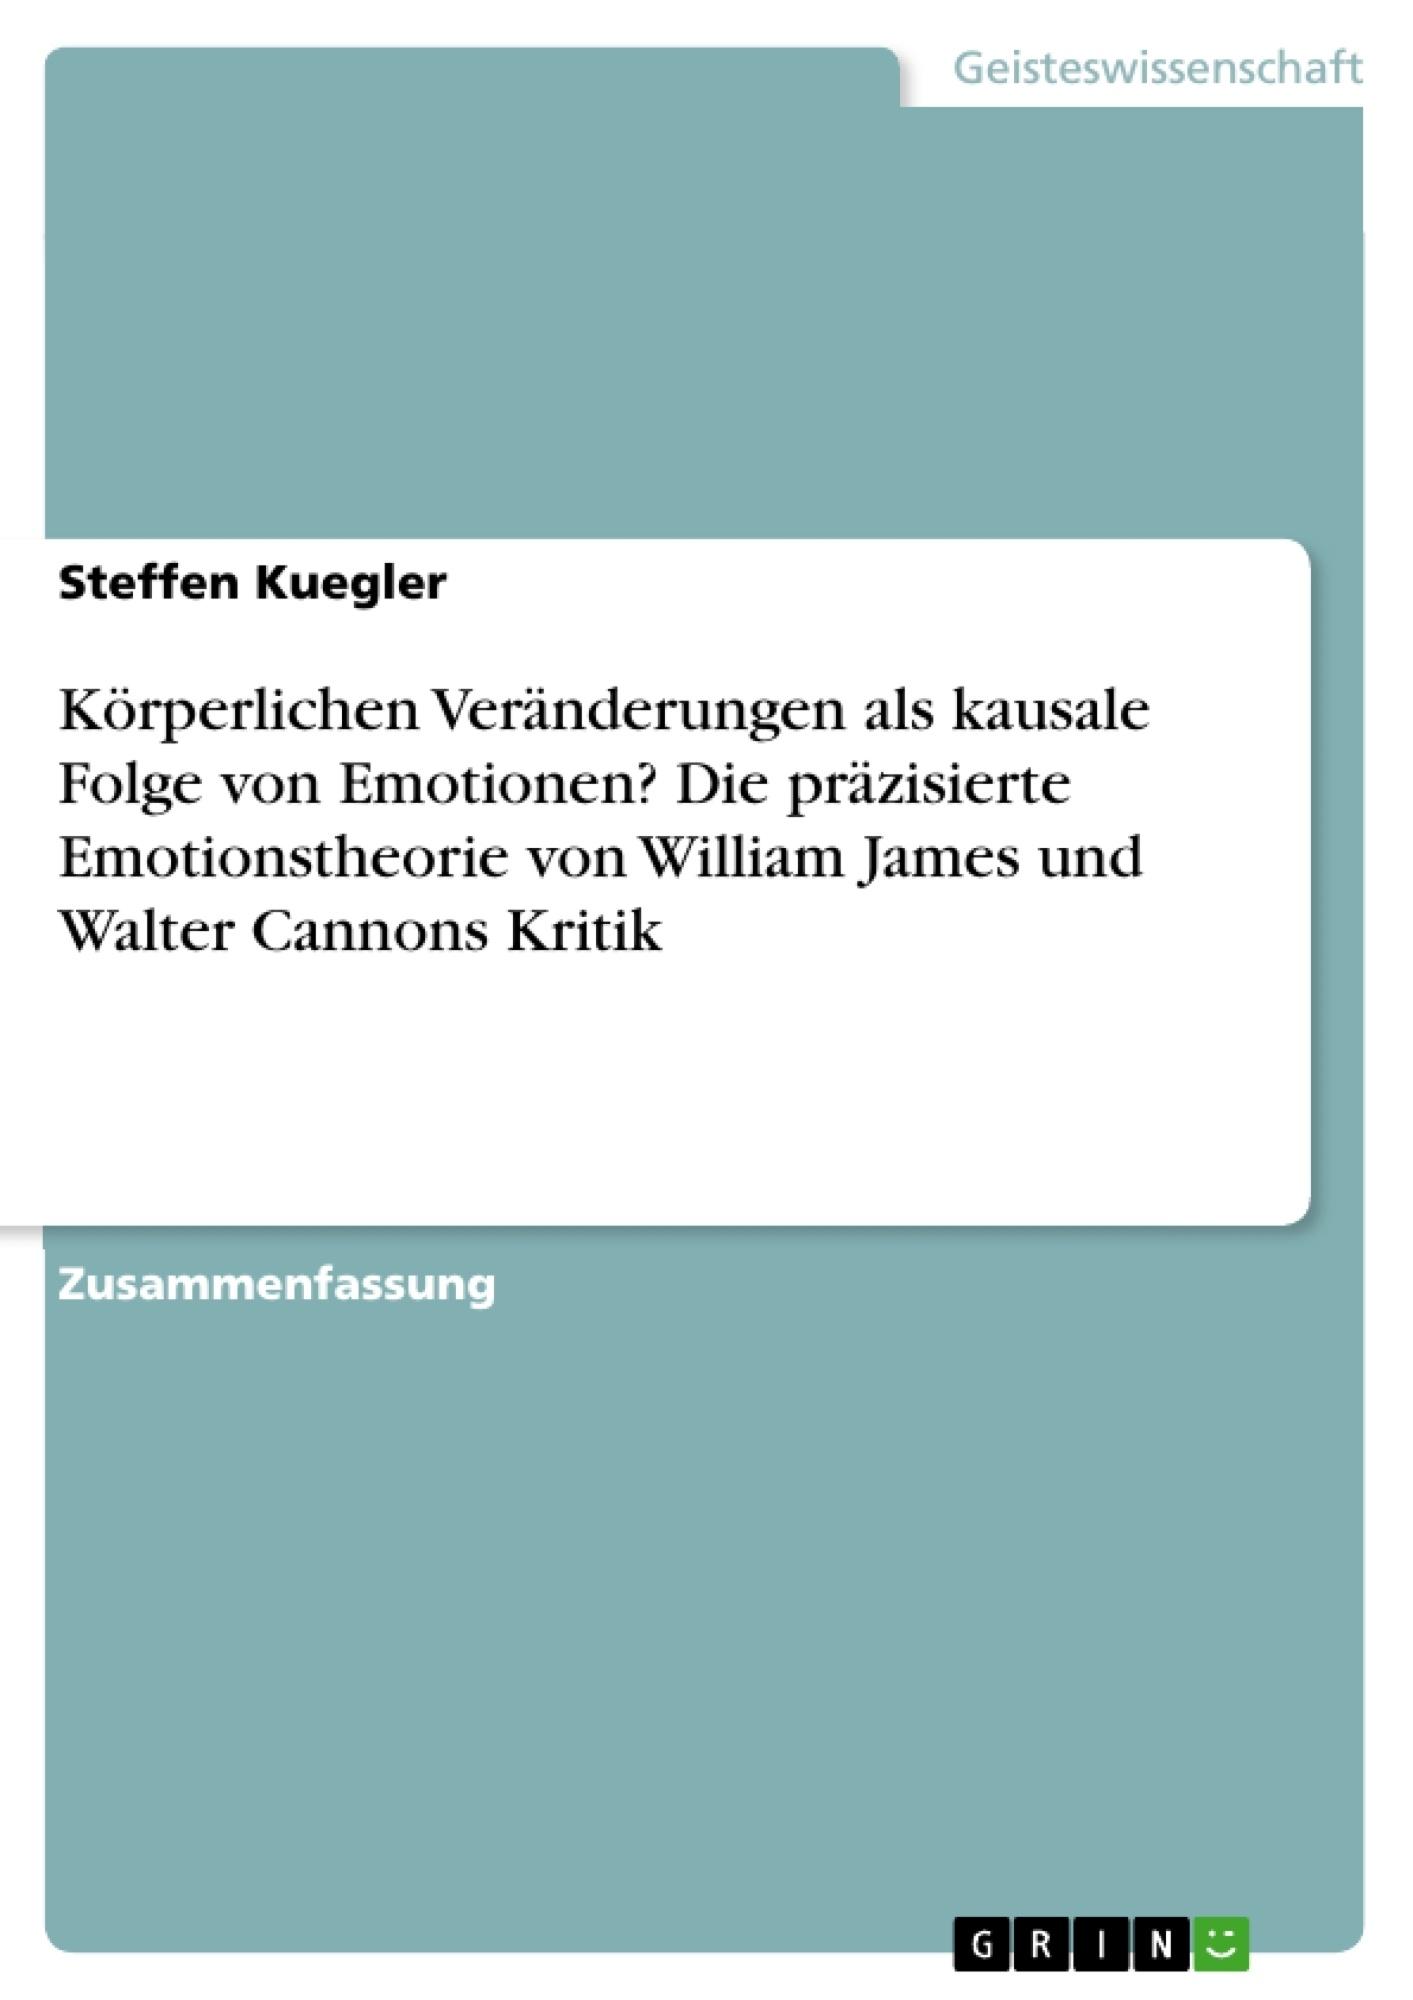 Titel: Körperlichen Veränderungen als kausale Folge von Emotionen? Die präzisierte Emotionstheorie von William James und  Walter Cannons Kritik